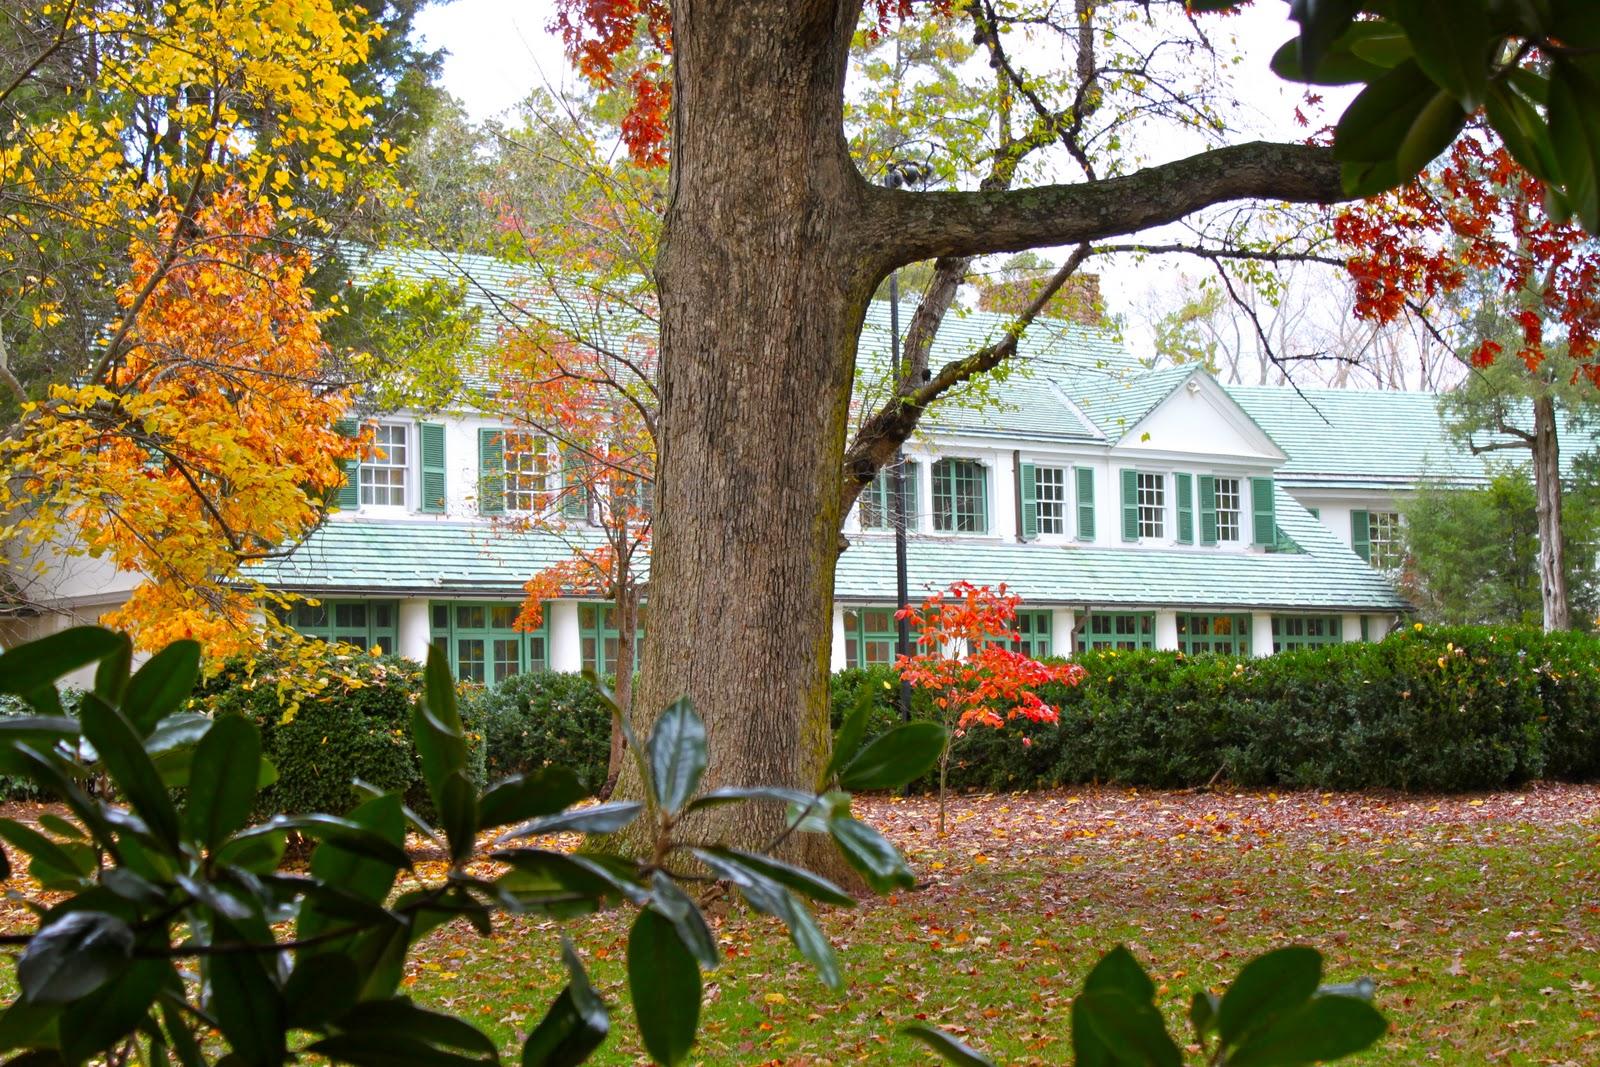 A Fall Day At Reynolda Gardens